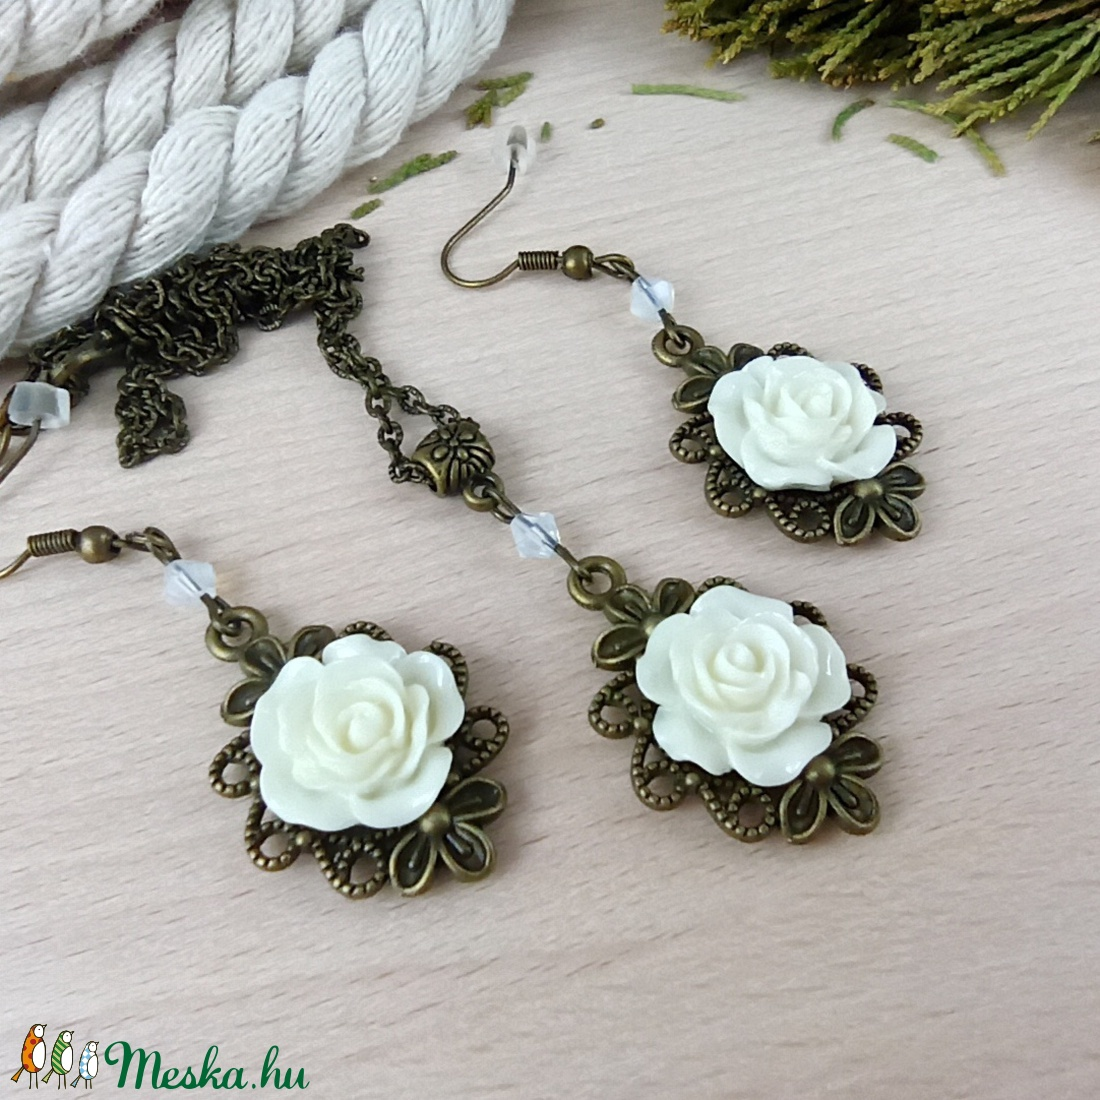 #48 fehér rózsás antik bronz szett nyaklánc fülbevaló esküvő alkalmi koszorúslány örömanya menyasszony násznagy - ékszer - ékszerszett - Meska.hu